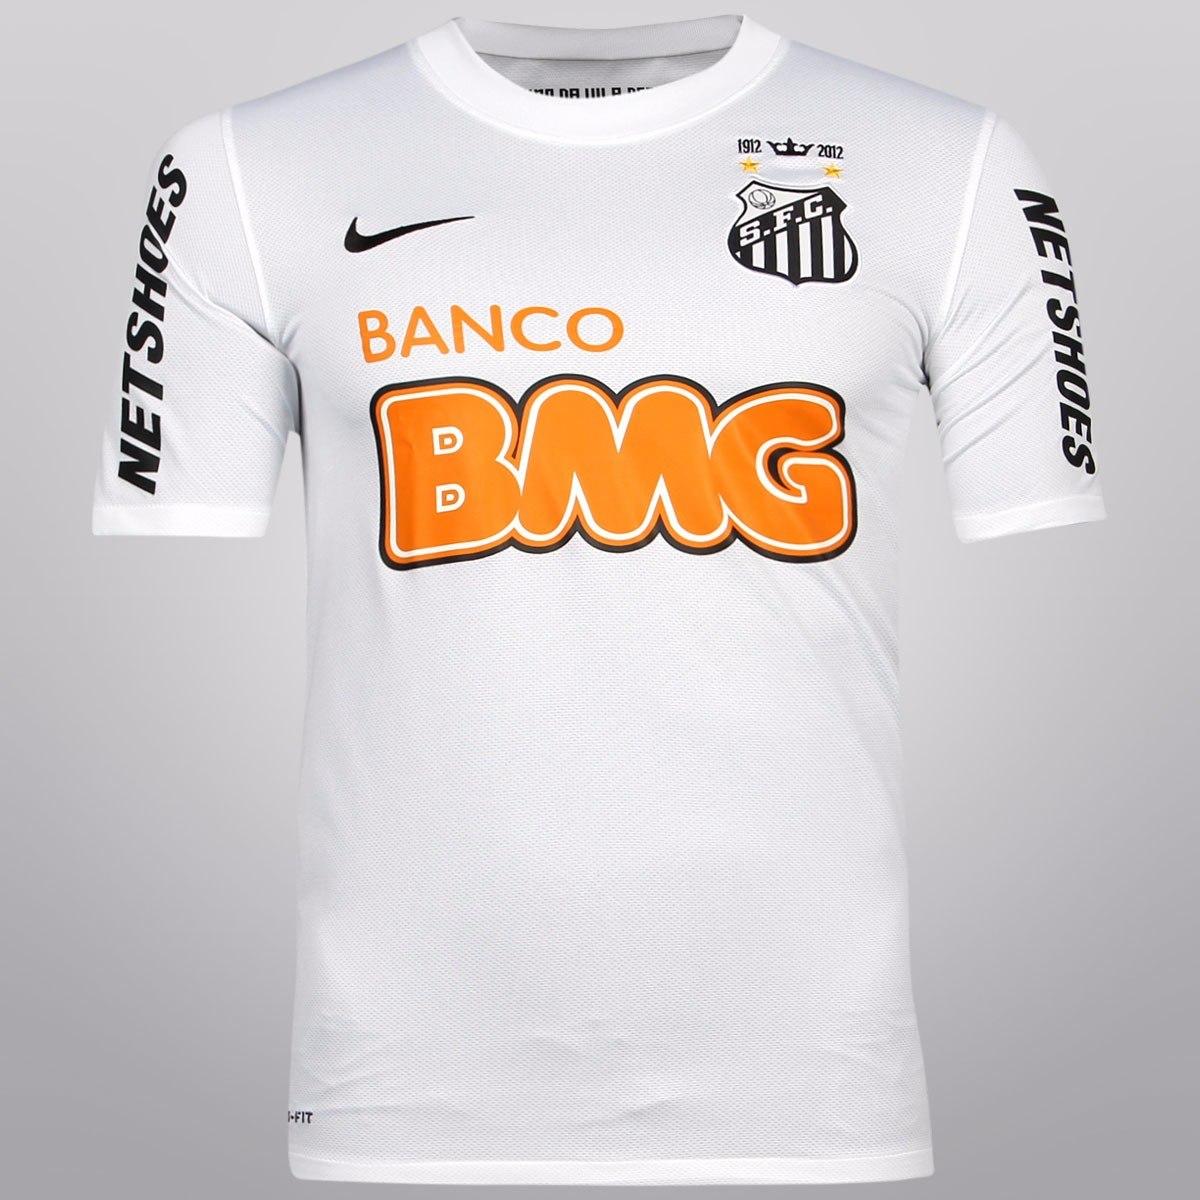 9f563f8eab camisa oficial santos 2011 2012 nike autentica promoção. Carregando zoom.